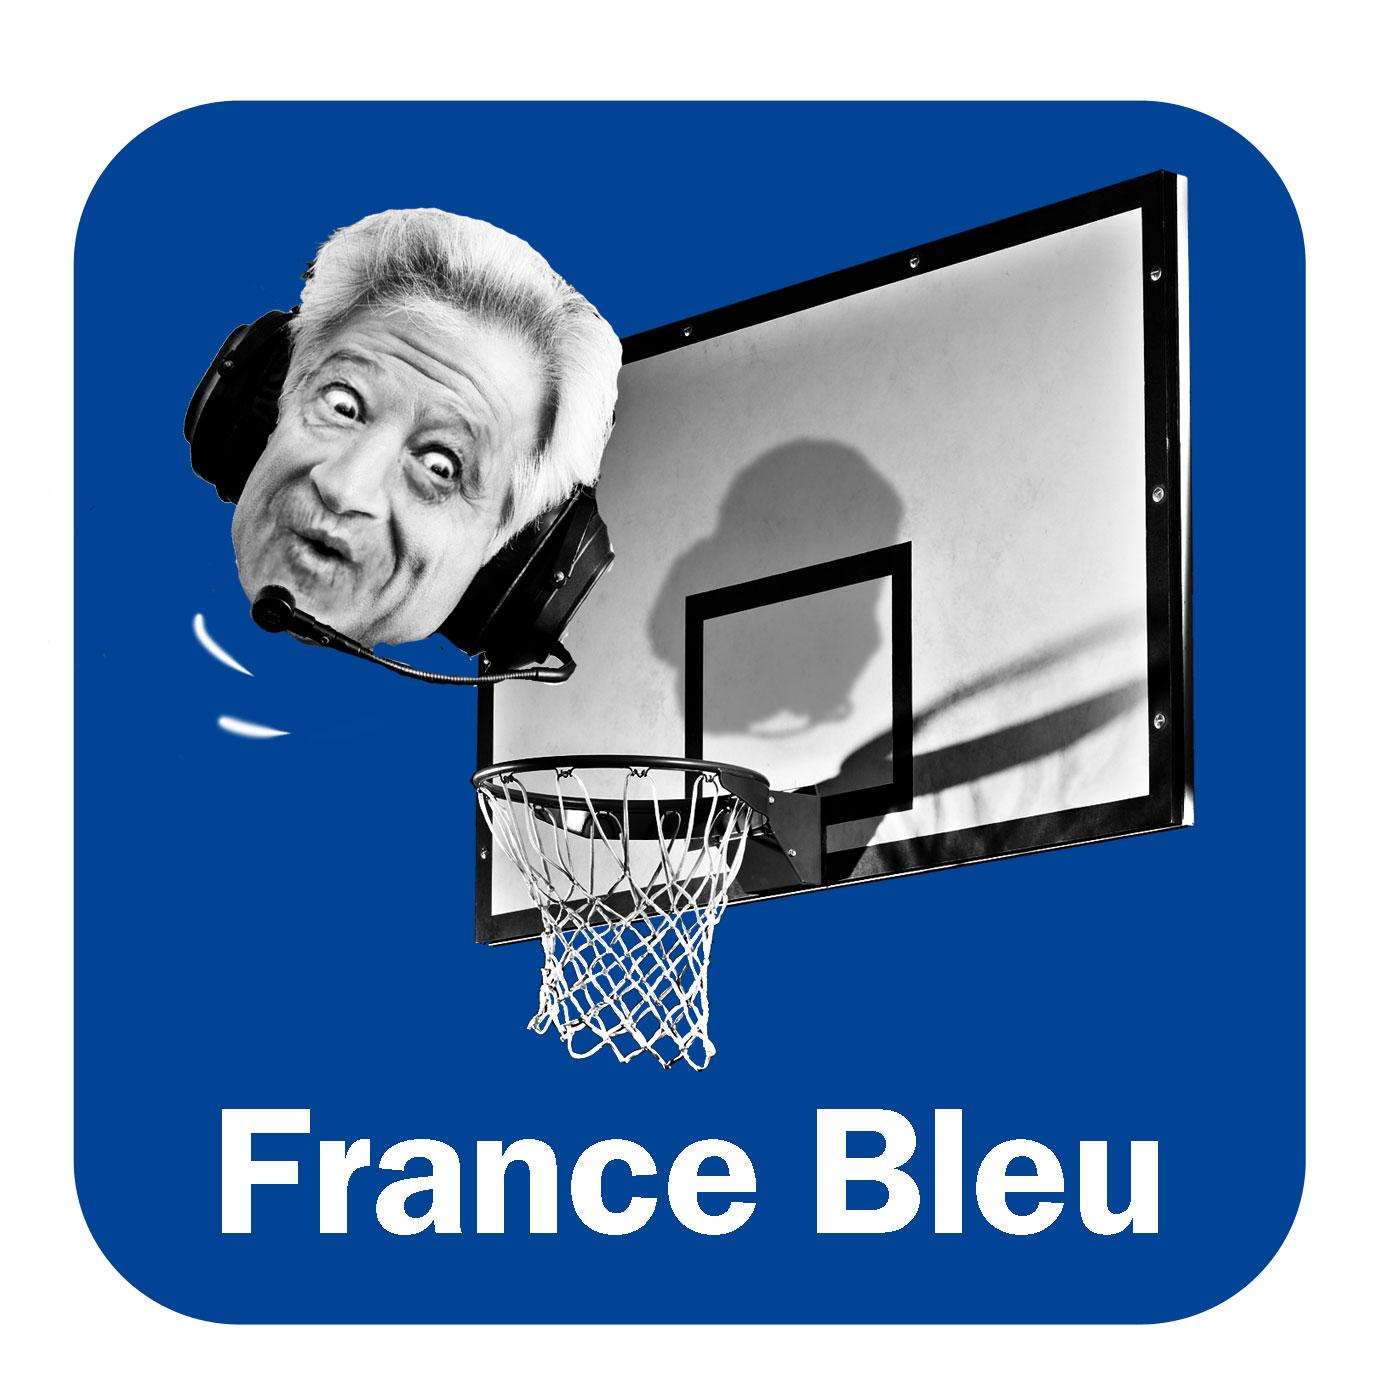 Stade Bleu Matin France Bleu Breizh Izel